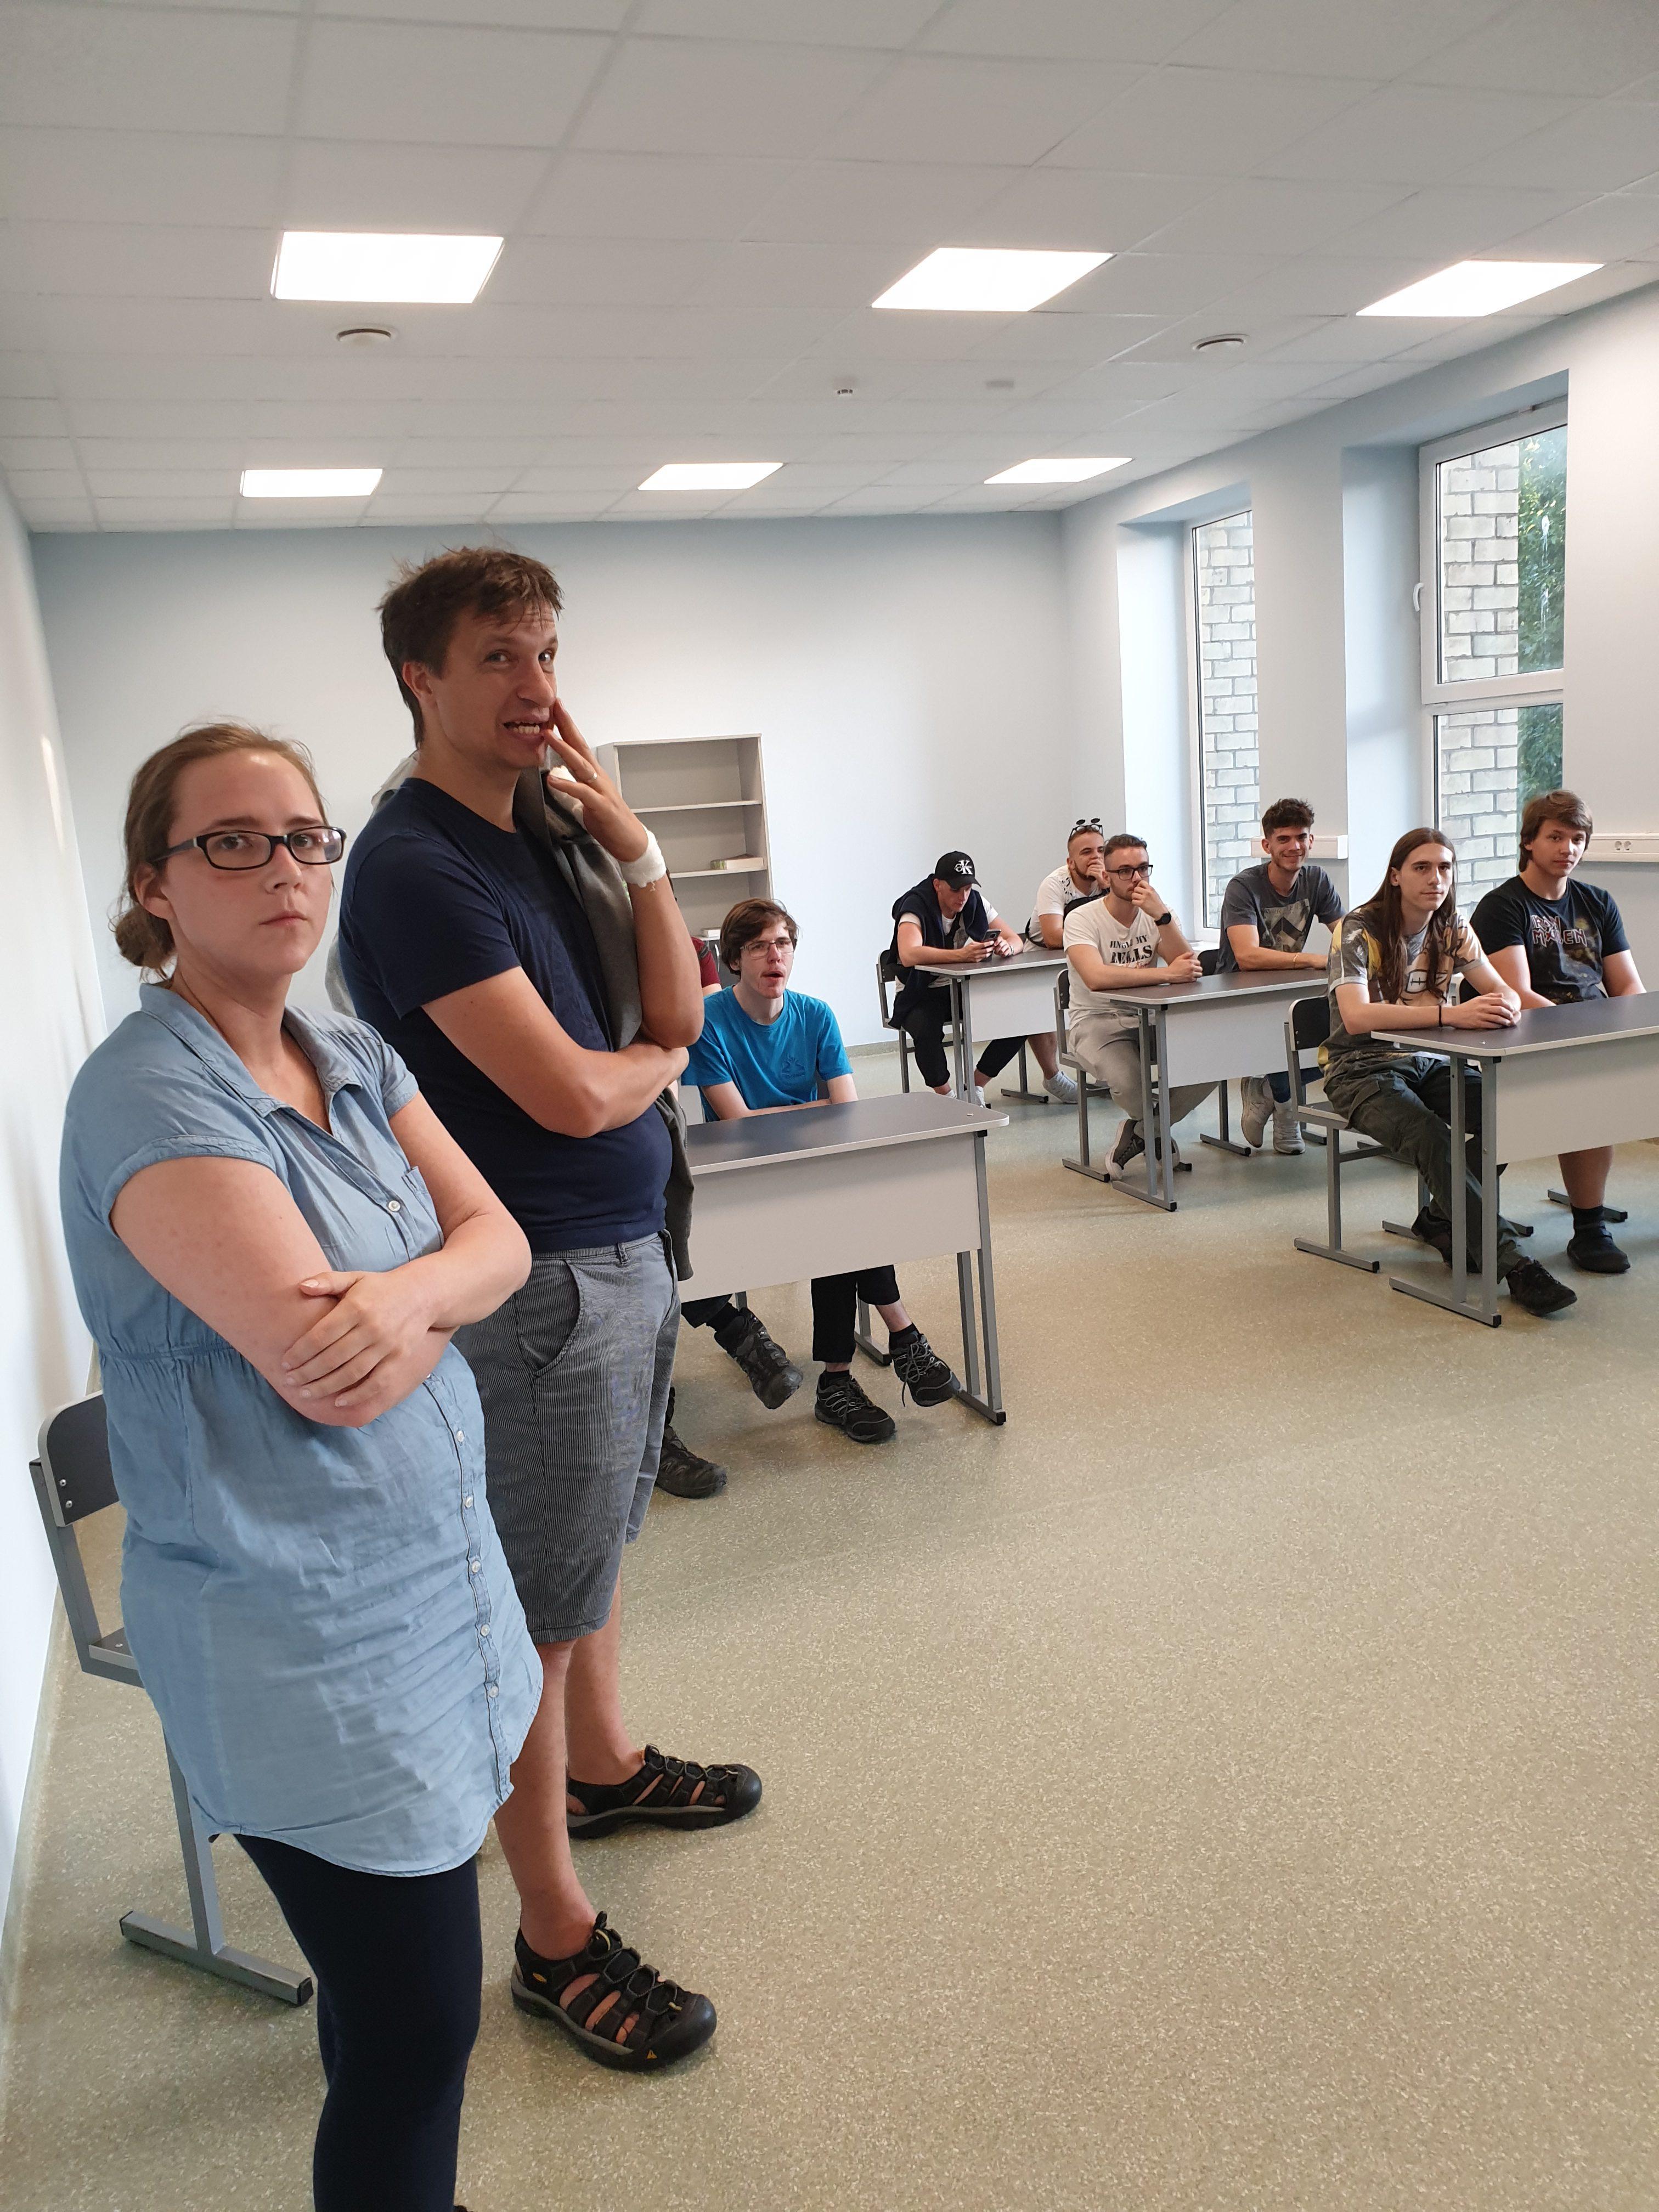 """Studentai iš Slovenijos technikos vidurinės mokyklos """"Srednja šola tehniških strok Šiška""""  pradėjo praktiką pagal Erasmus plus programą 2018-1-SI01- KA102-046837"""